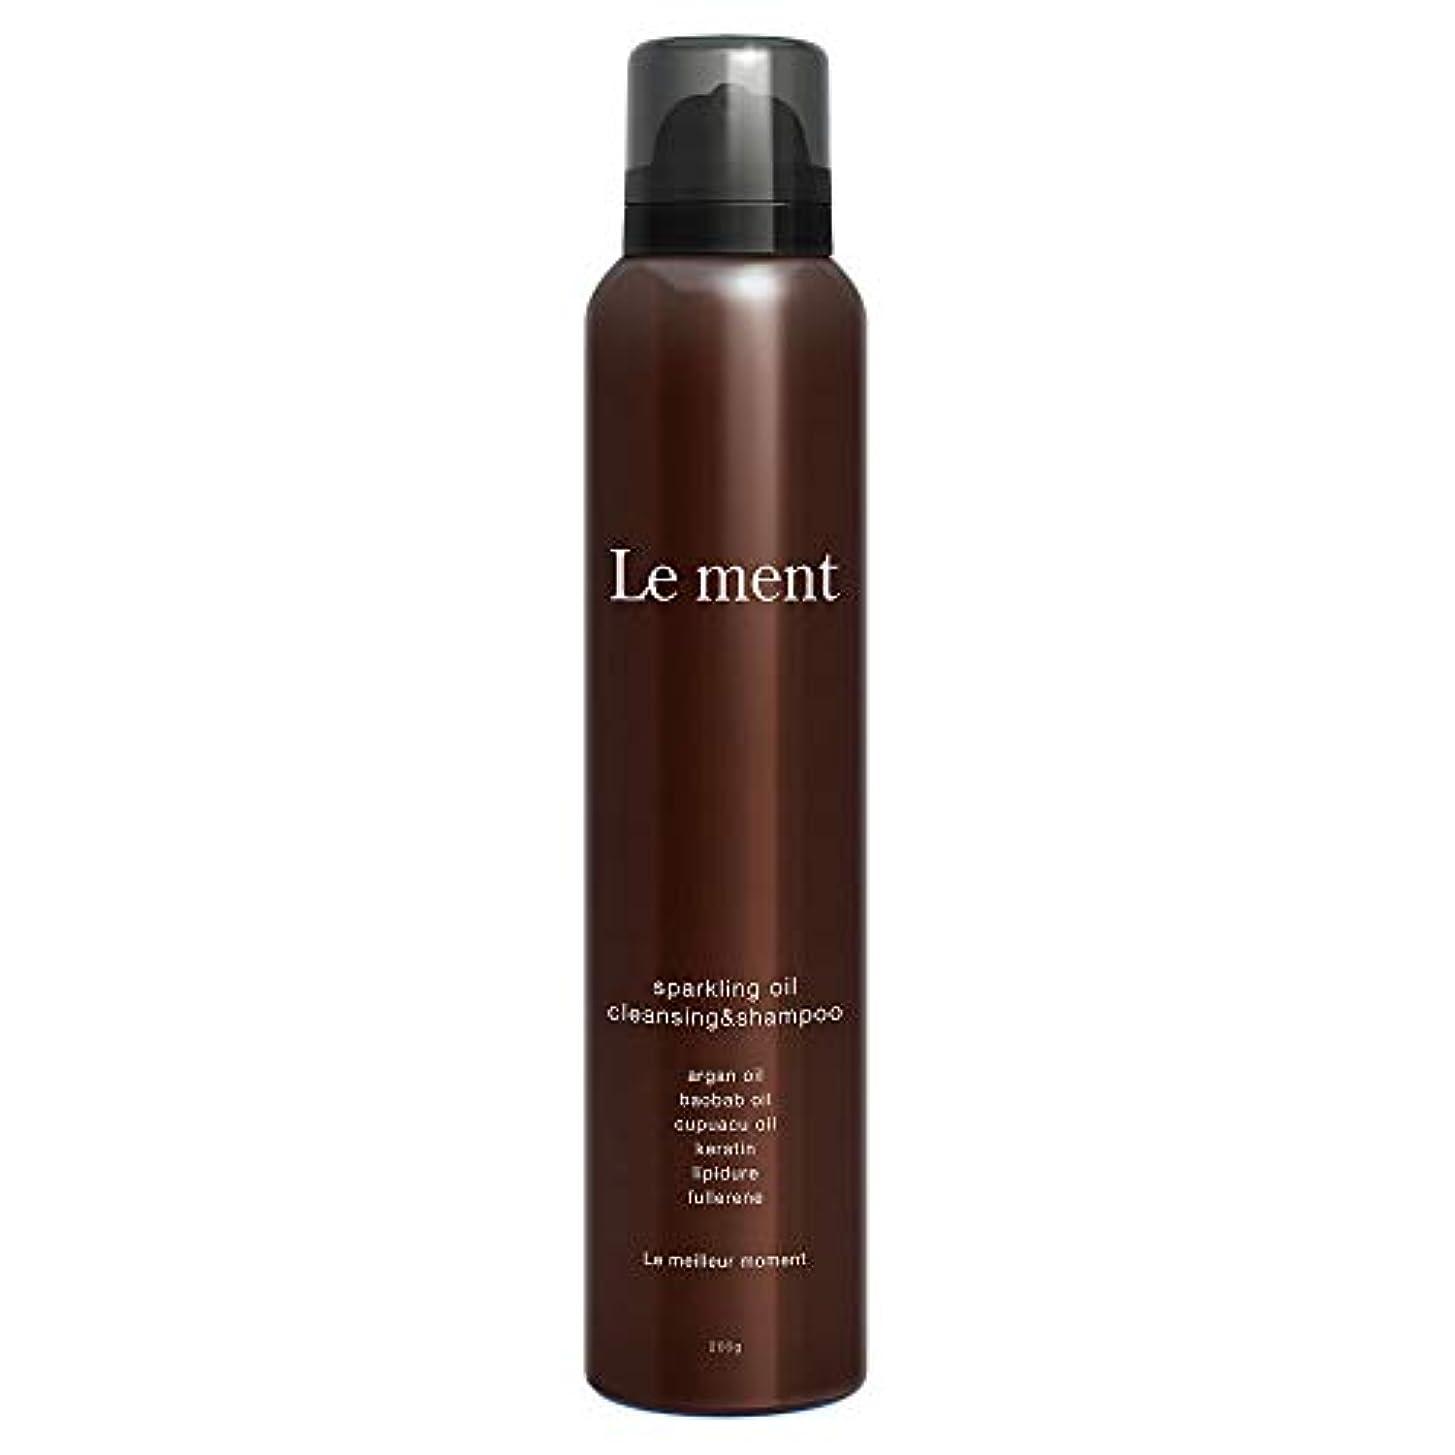 酔った南懐疑的Le ment -sparkling oil cleansing & shampoo -